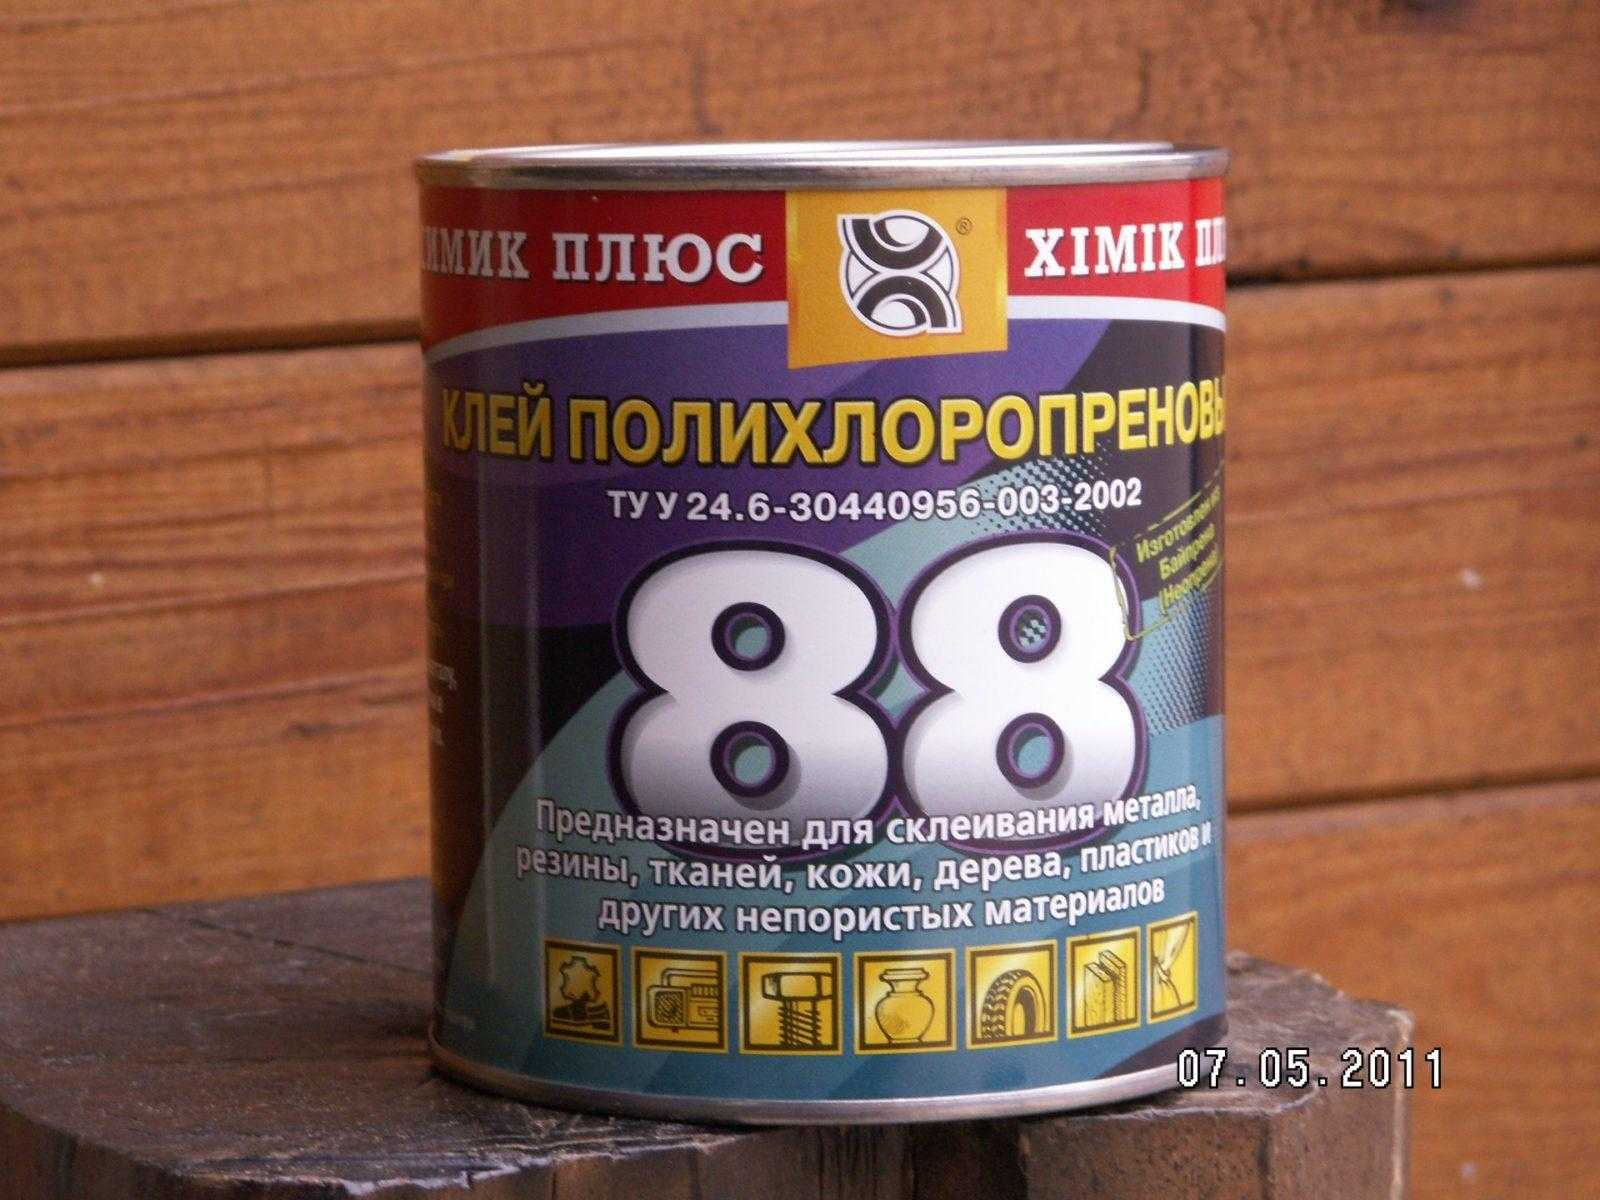 Адгезив 88 ПХВ от торговой марки Химик Плюс фото